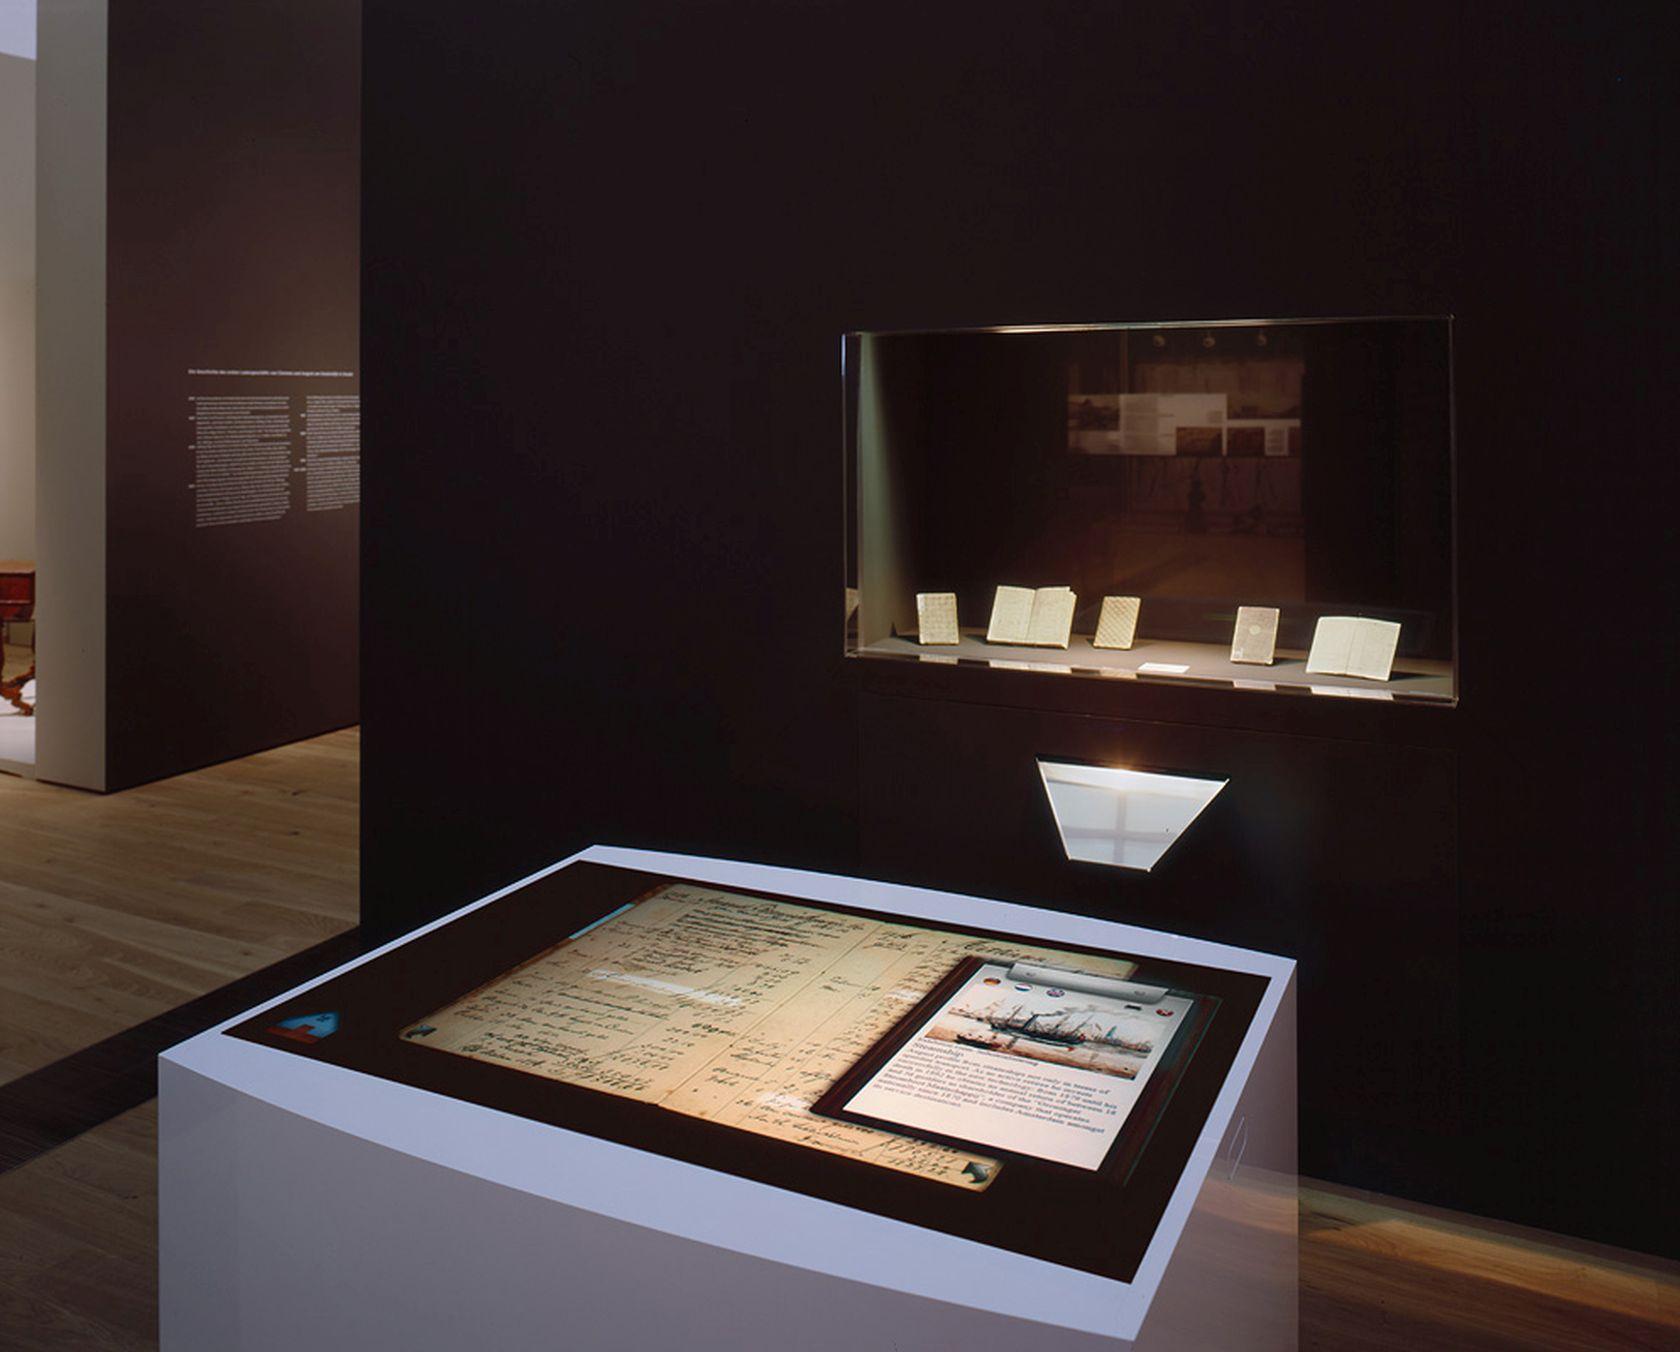 Ausstellung DRAI CLEMENS UND AUGUST-011